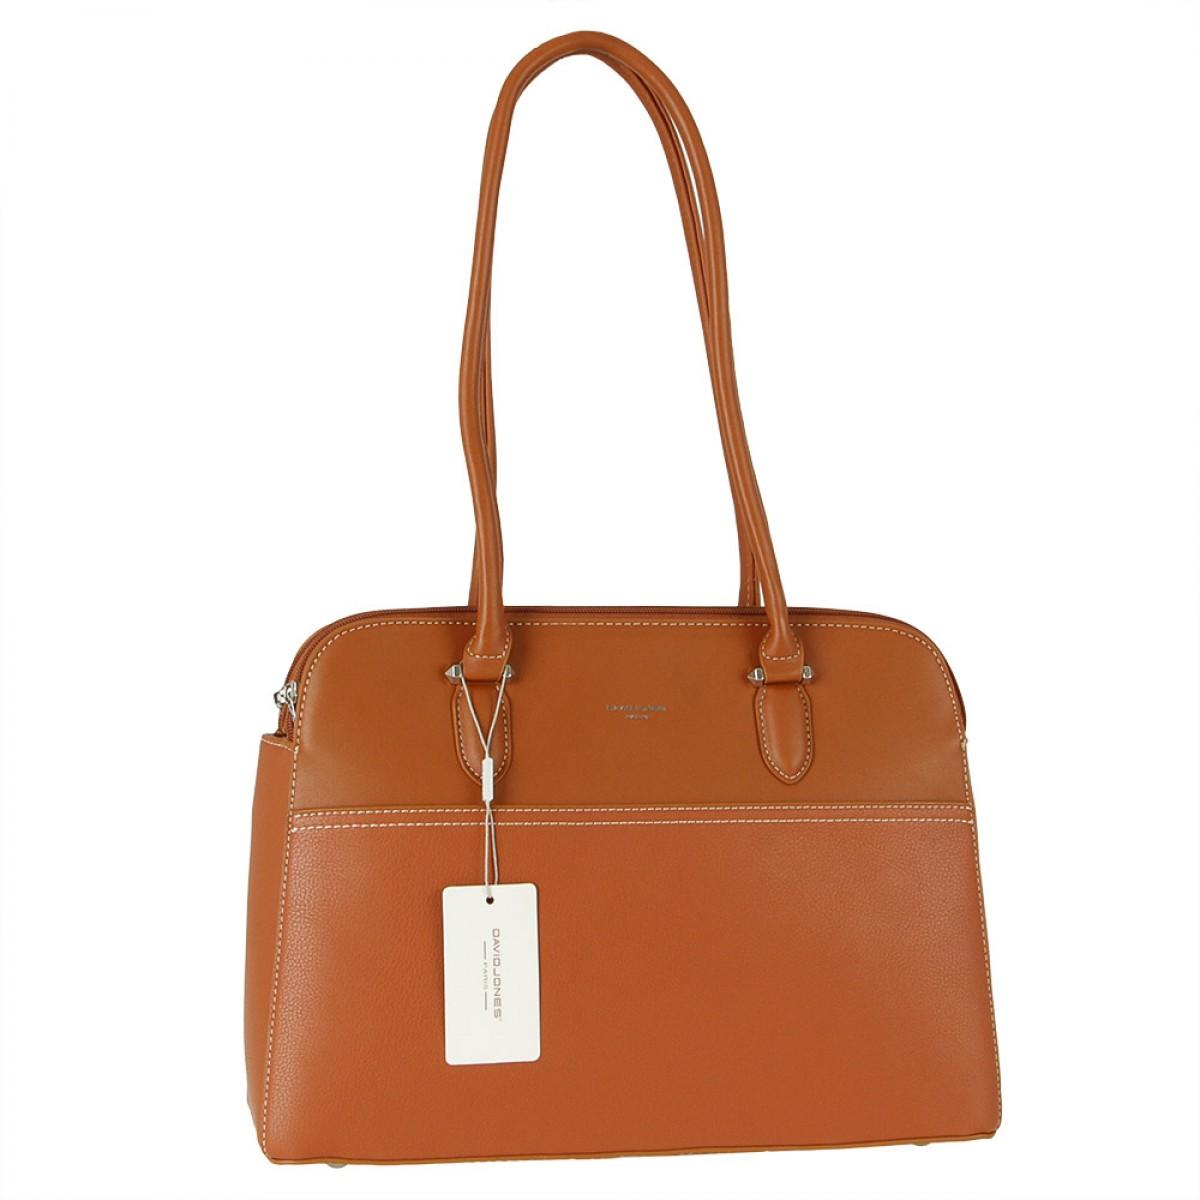 Жіноча сумка David Jones  6221-4 COGNAC